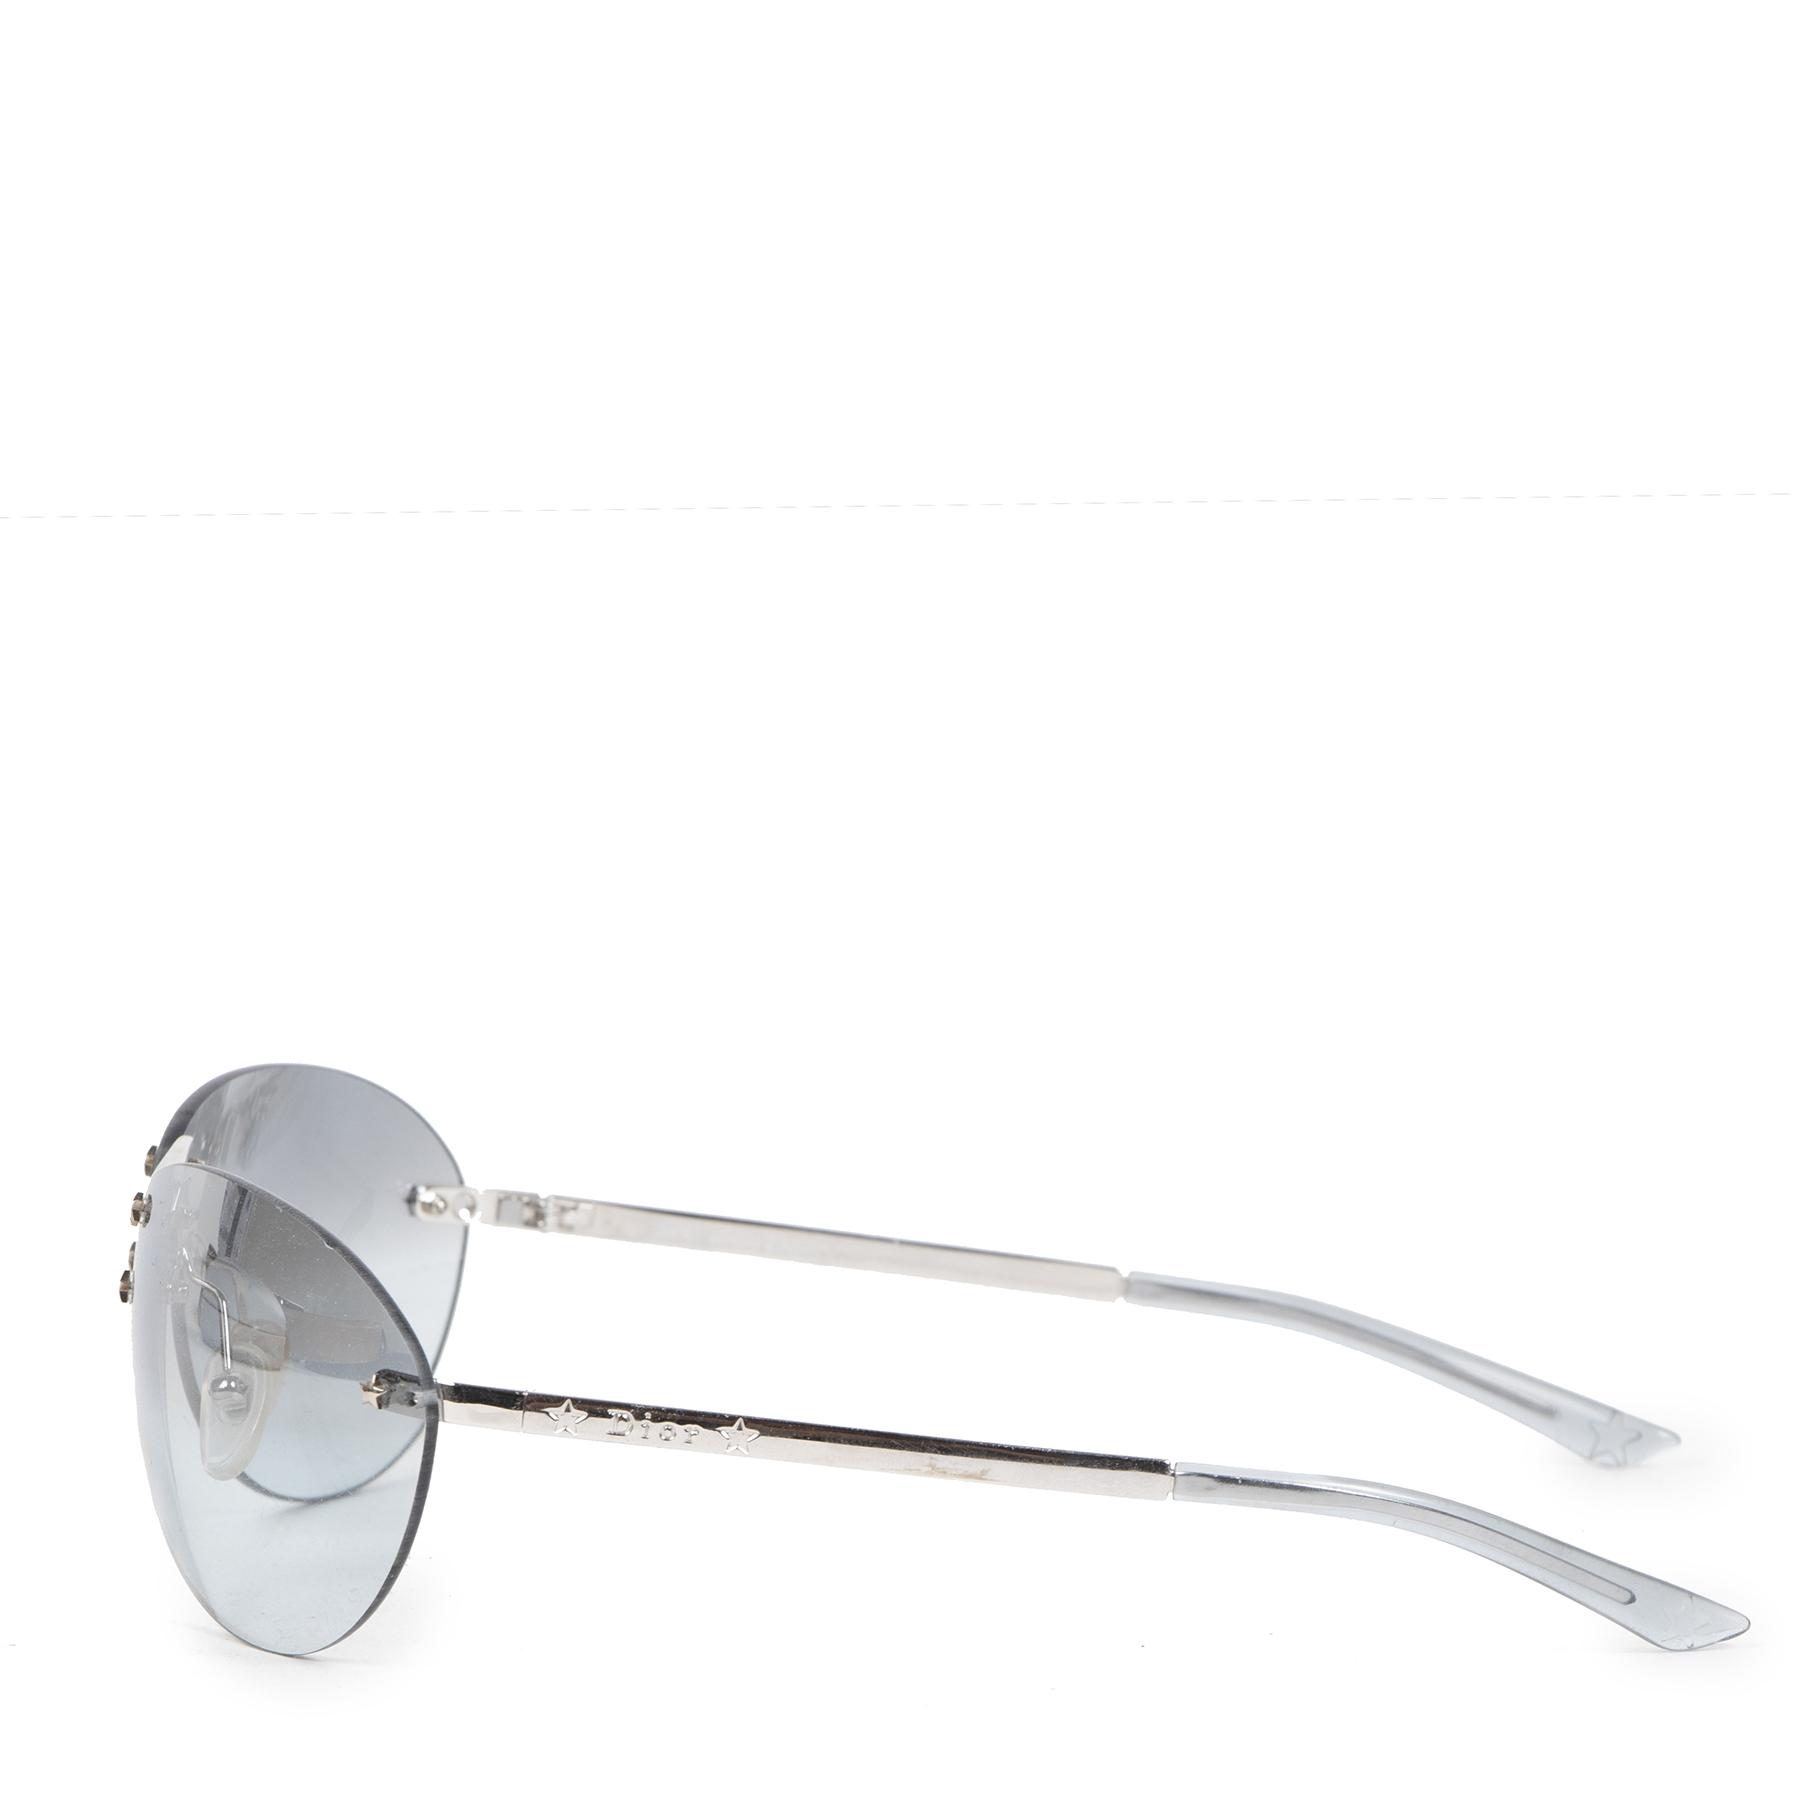 Authentieke Tweedehands Dior Starlight Sunglasses juiste prijs veilig online shoppen luxe merken webshop winkelen Antwerpen België mode fashion